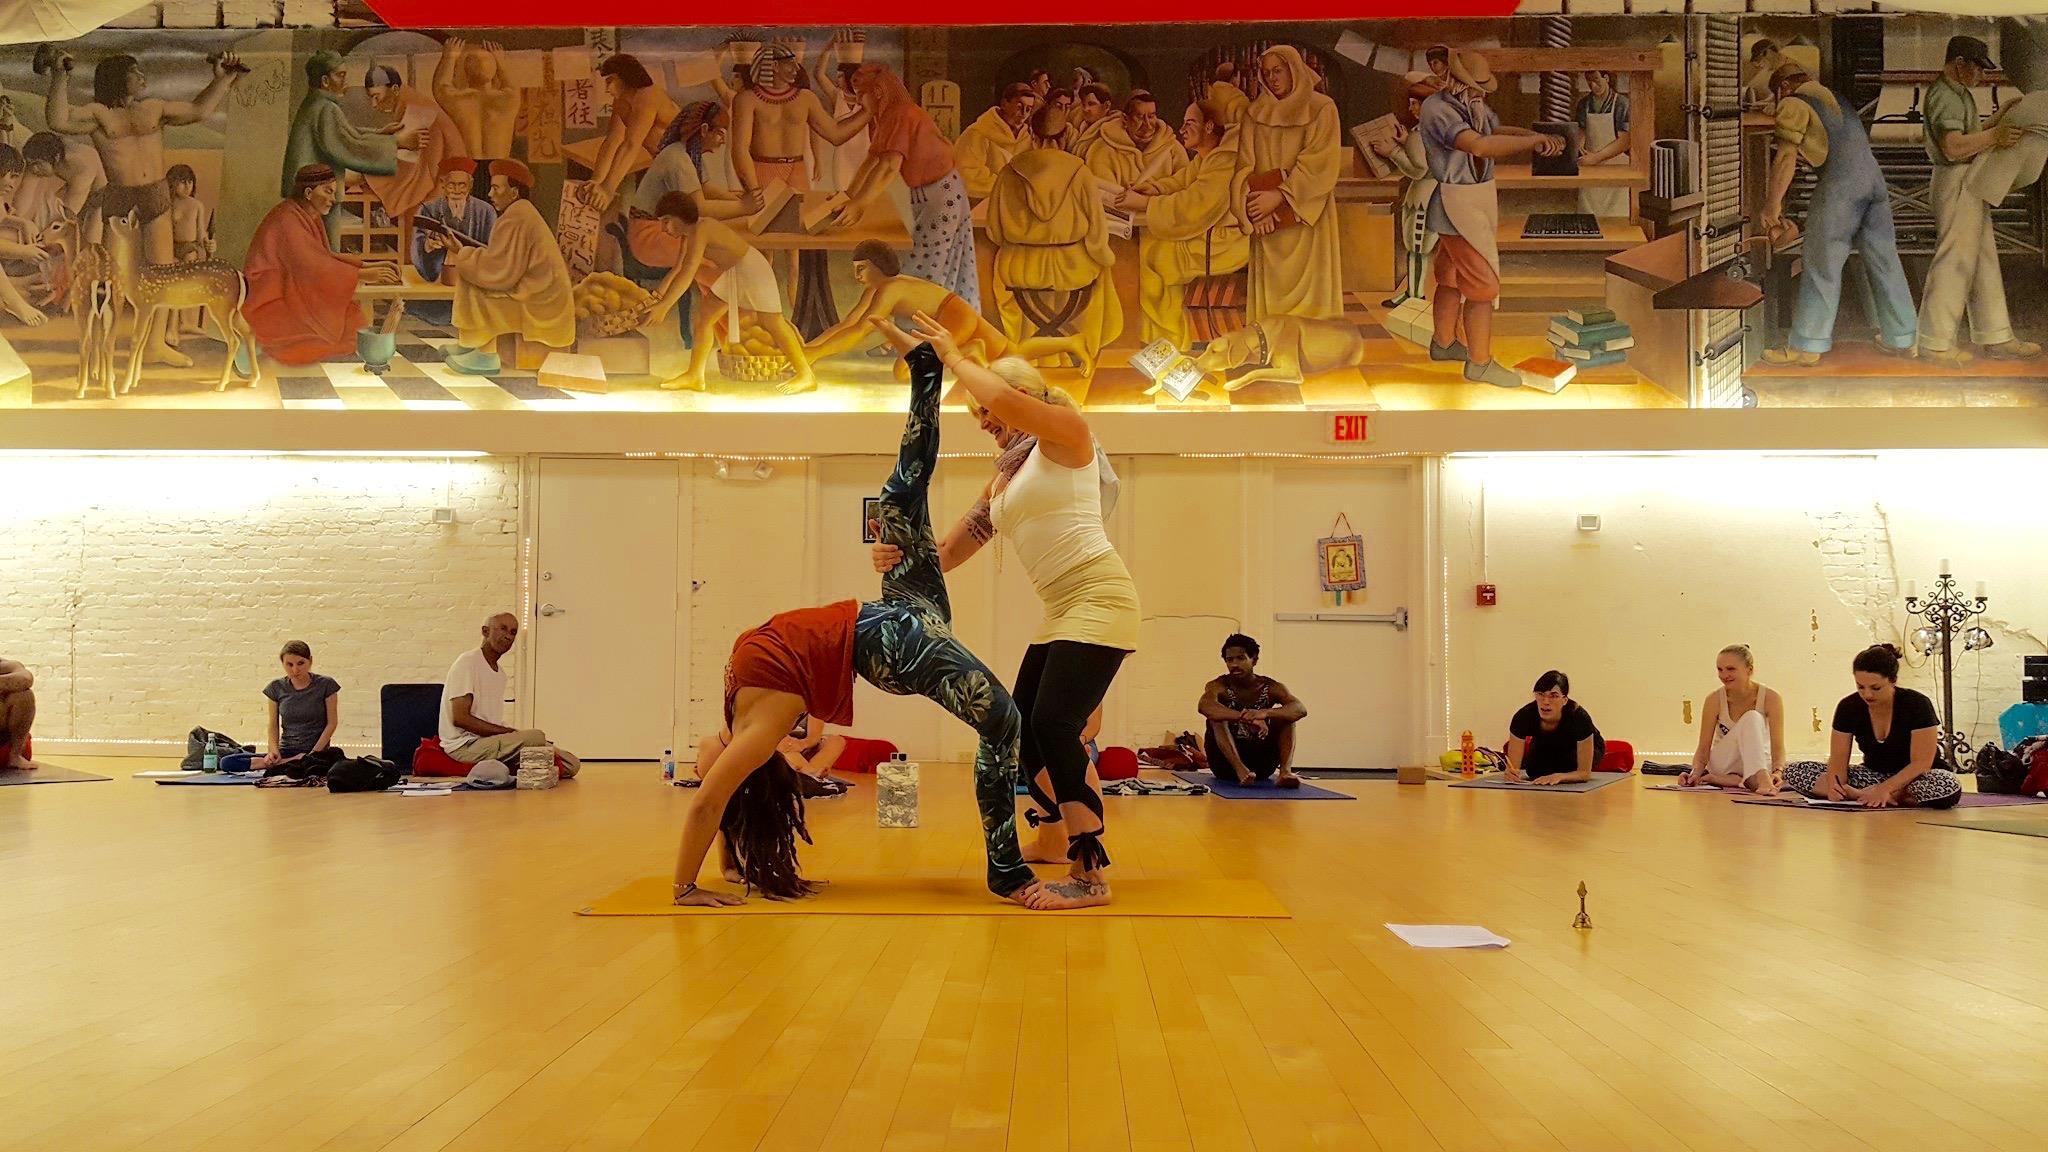 mural swan yoga